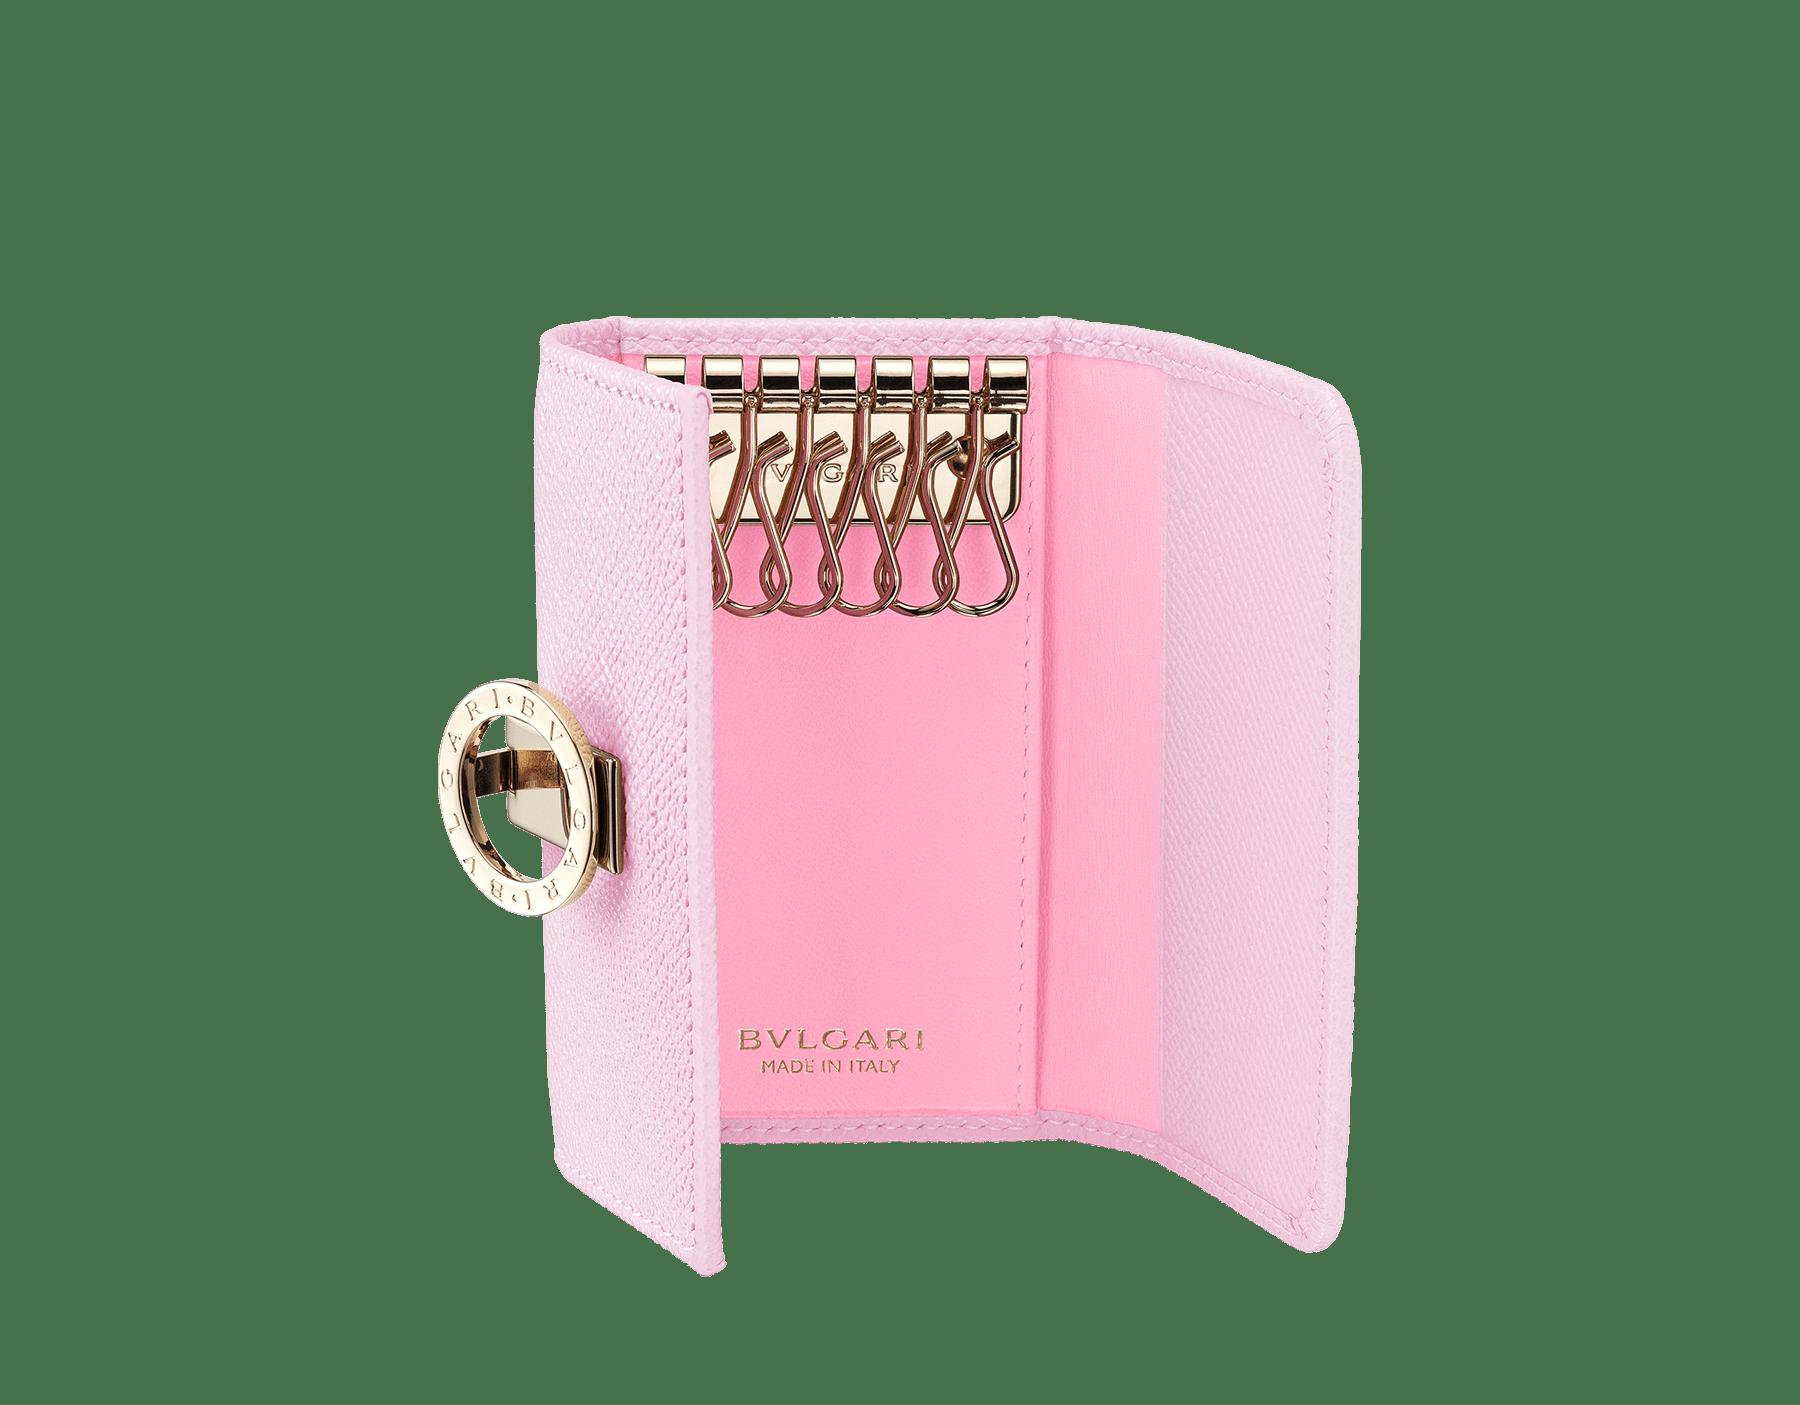 BVLGARI BVLGARI small keyholder in rosa di francia grain calf leather and flamingo quartz nappa leather. Iconic logo clip closure in light gold plated brass. 289032 image 2